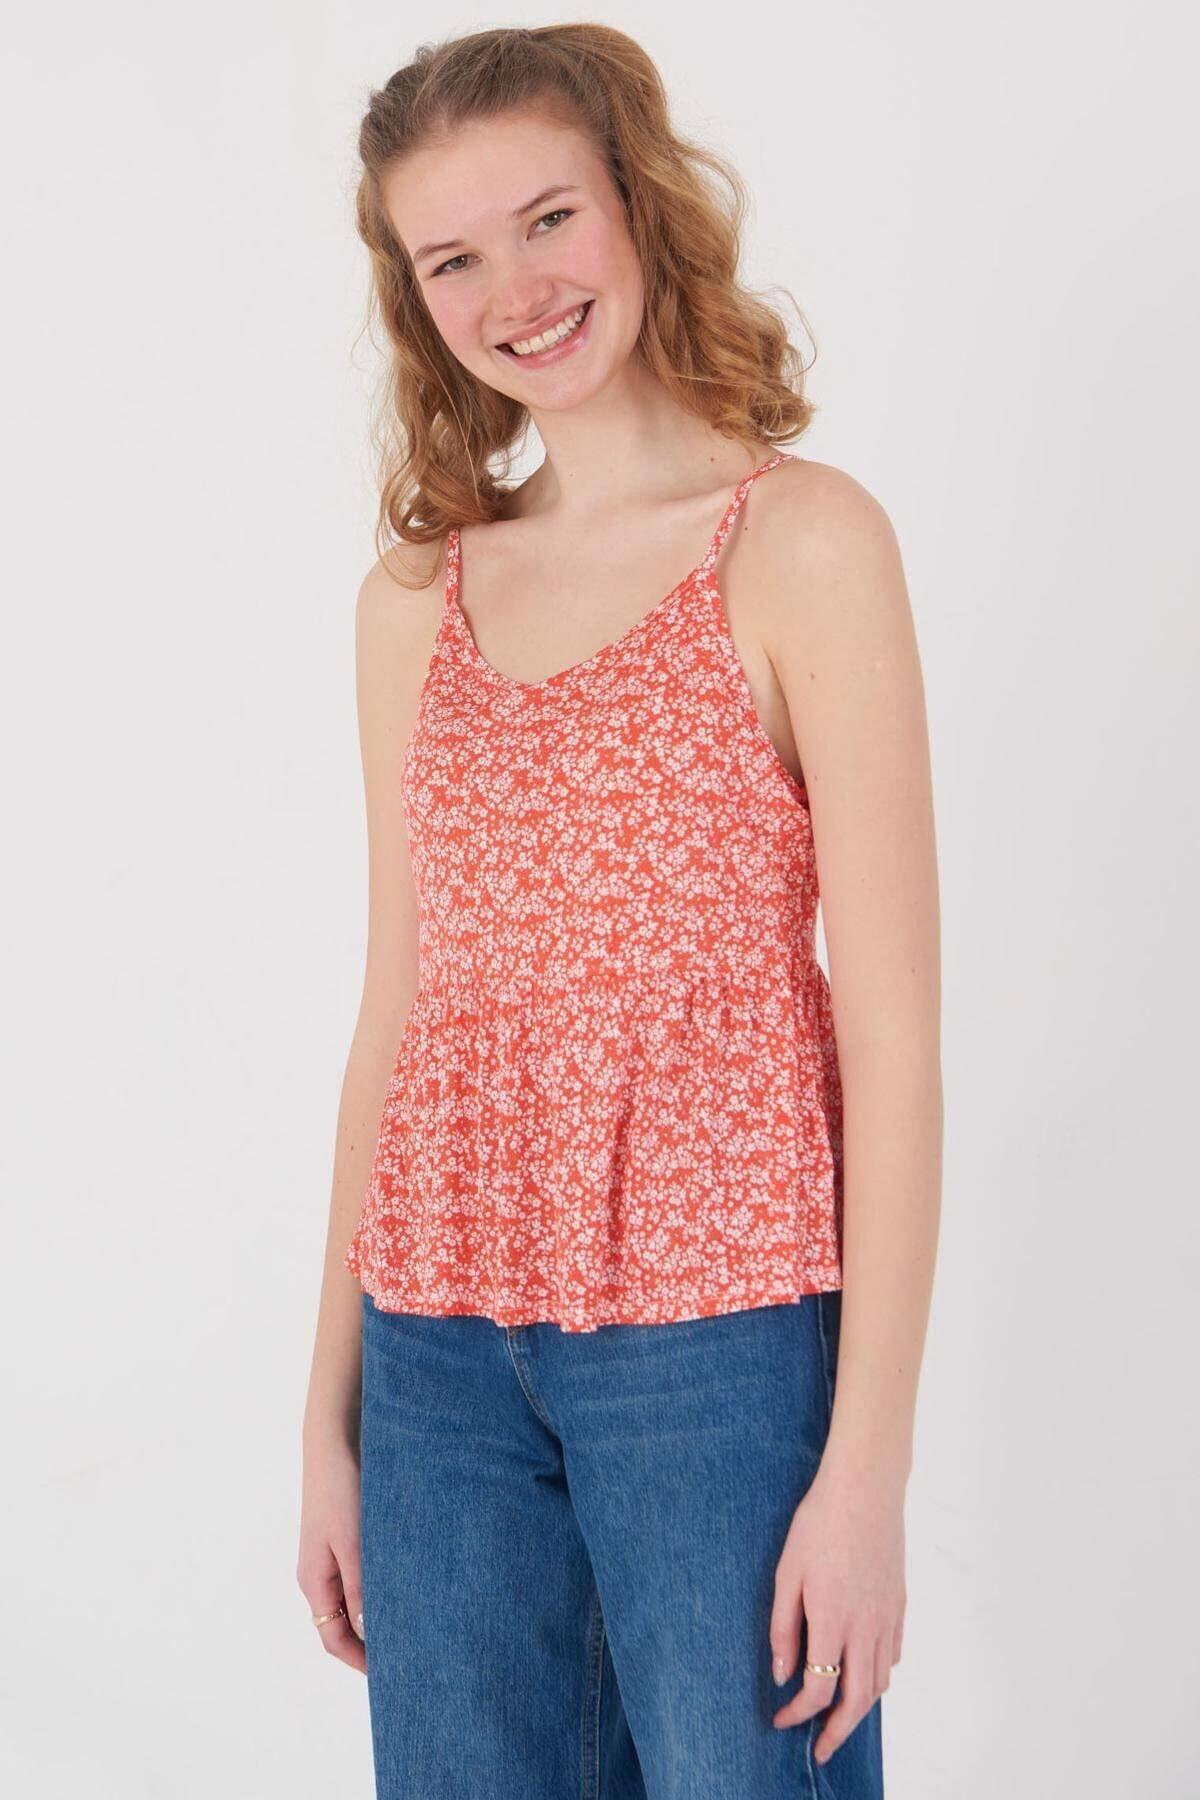 Addax Kadın Kırmızı Çiçek Desenli Bluz Çiç B12242 Adx-0000023925 3